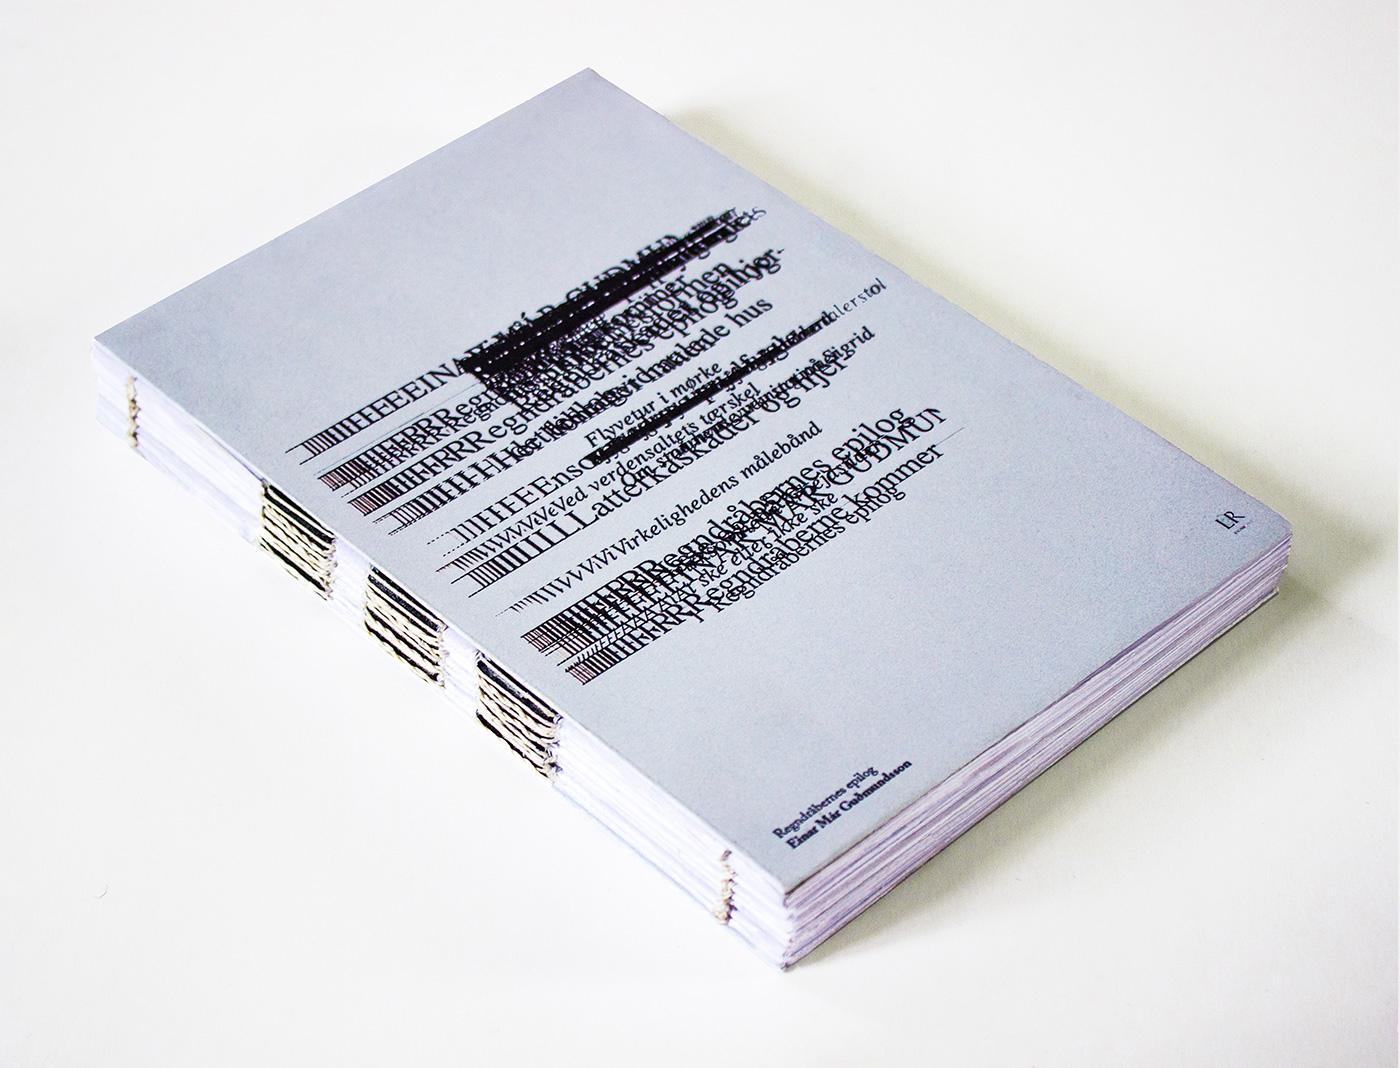 book_cover_design_artist_kunstner_graphic_designer_grafisk_designer_marie_broegger_layout_typografi_typography-6